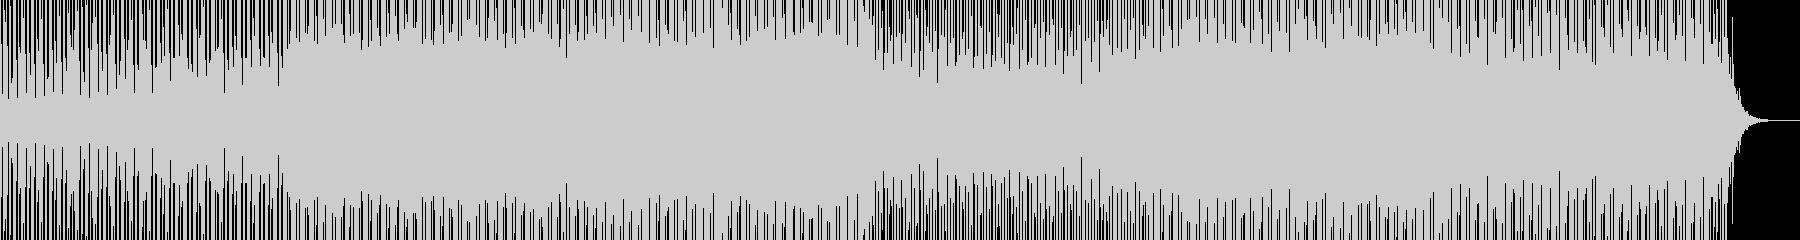 テクノ ハードコア アクティブ 明...の未再生の波形